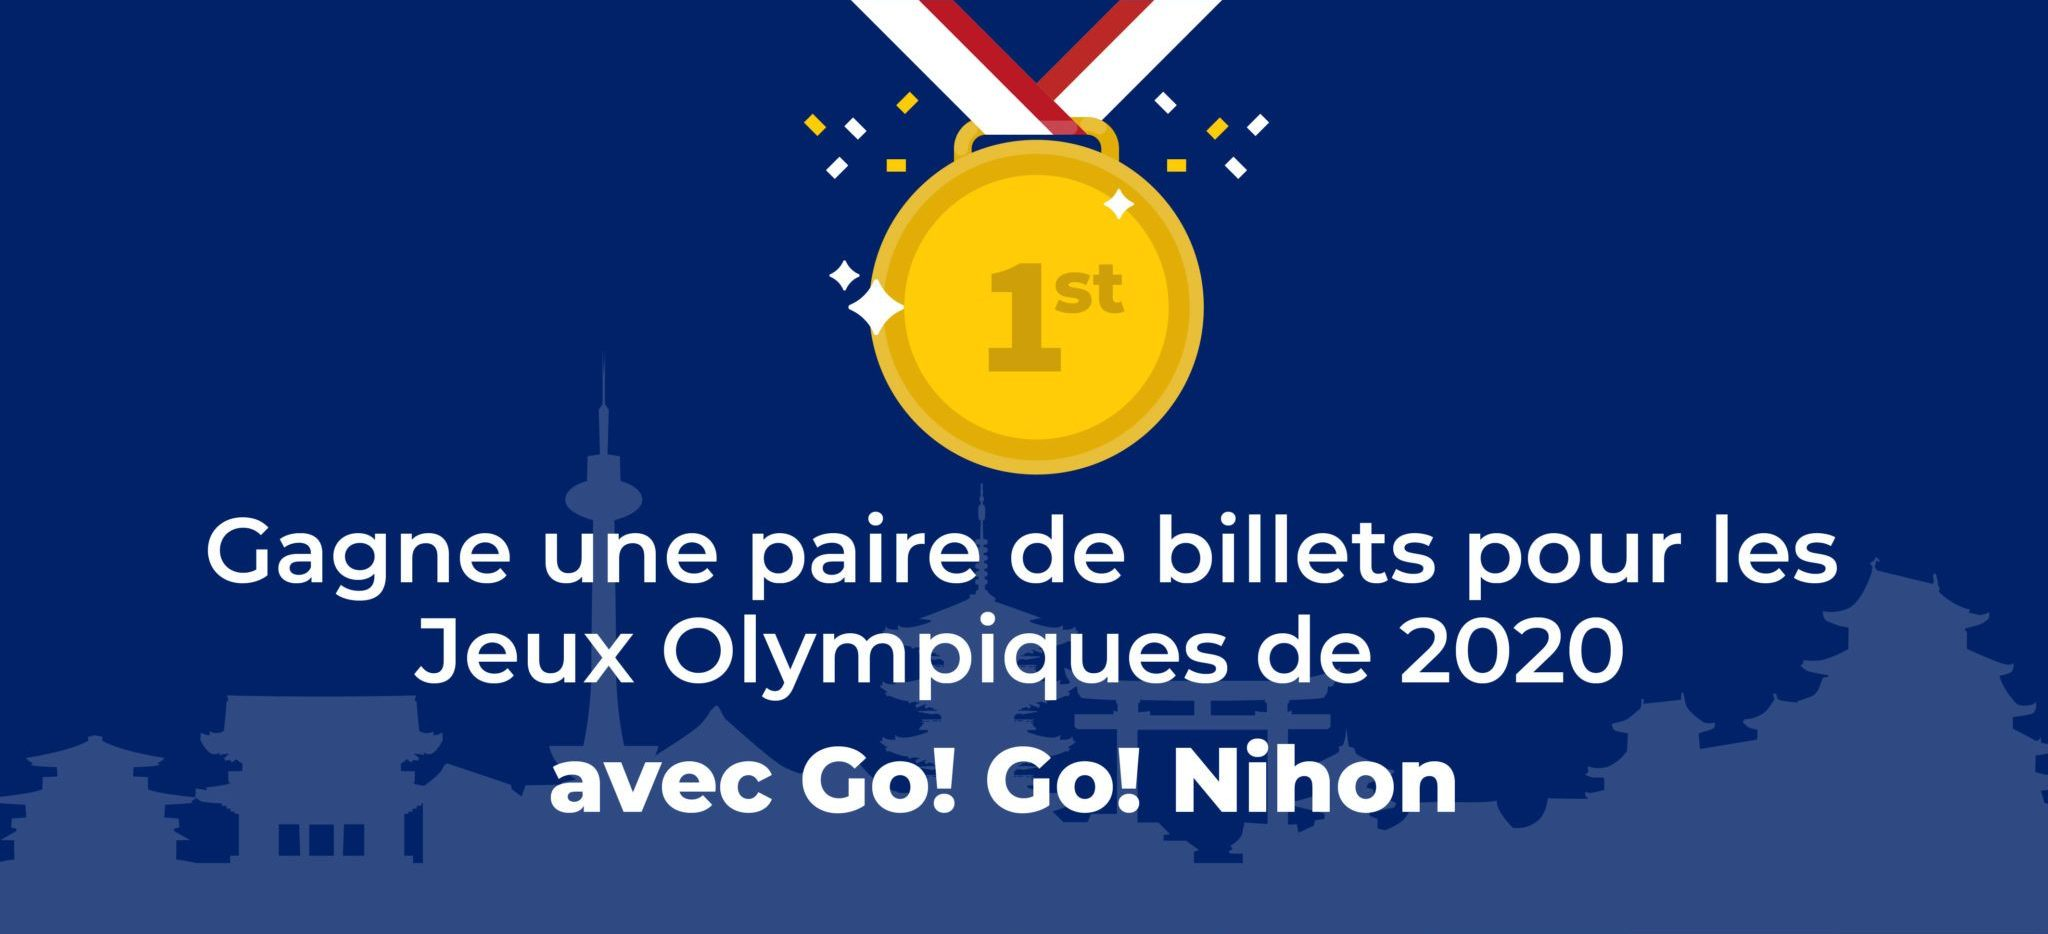 billets pour les Jeux Olympiques de 2020